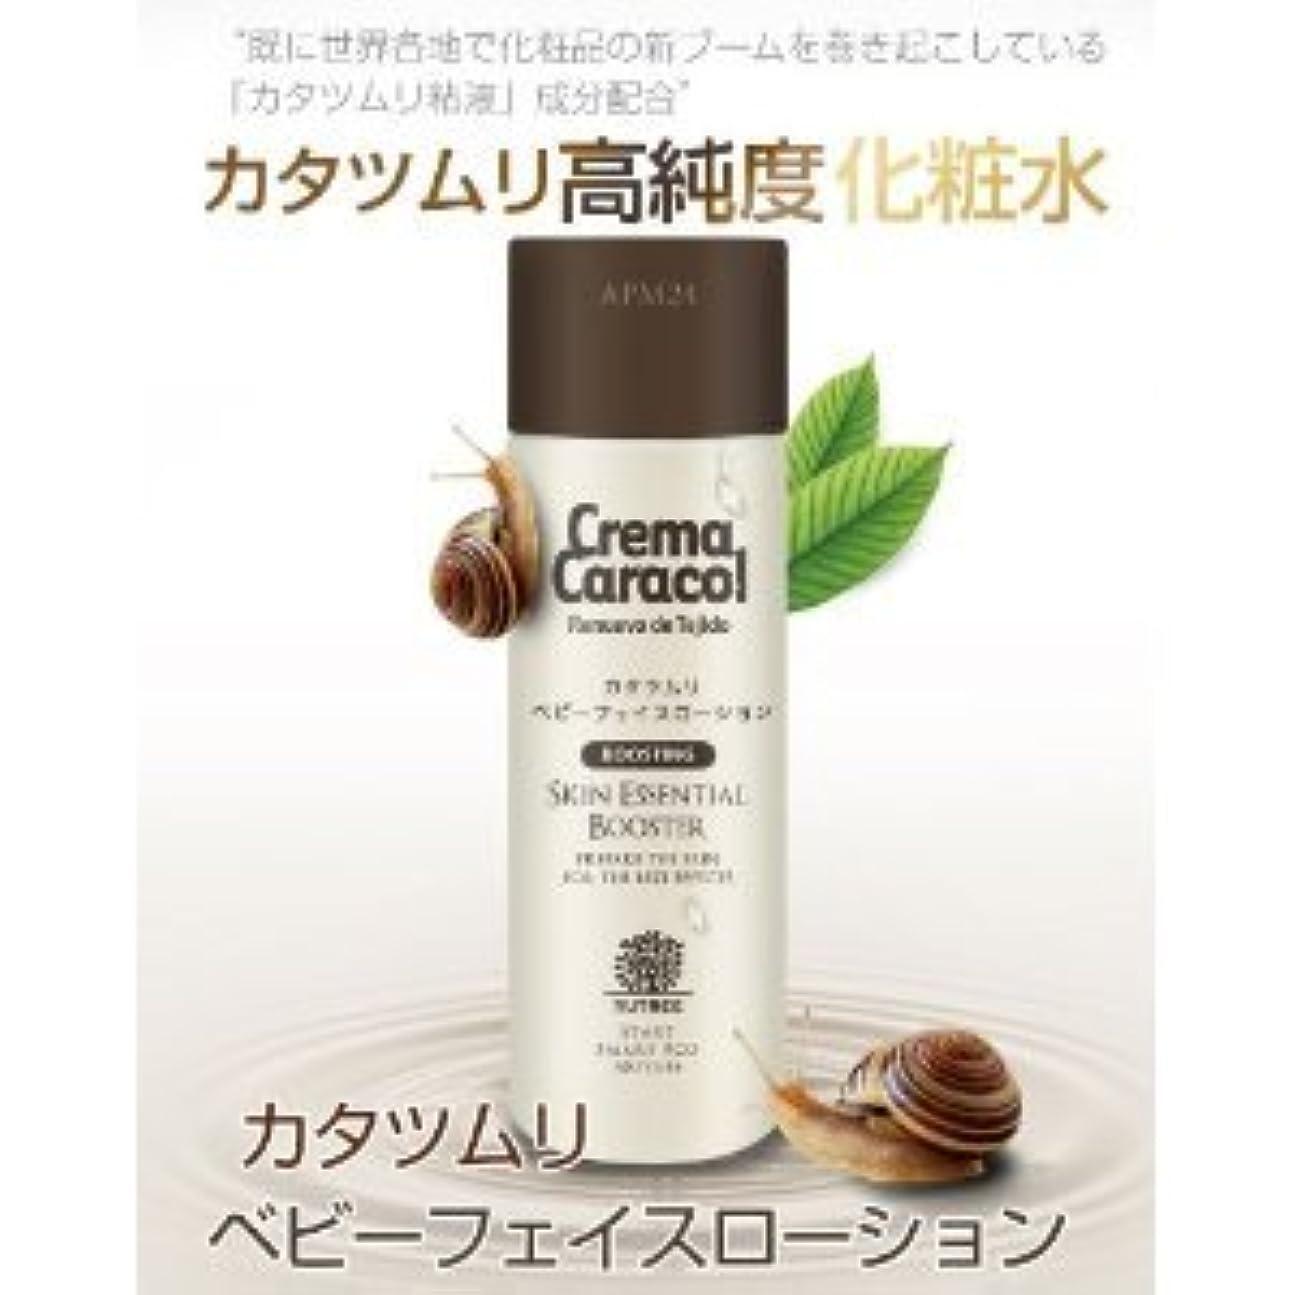 絶滅したリップ電卓crema caracol(カラコール) ローション(化粧水) 5個セット